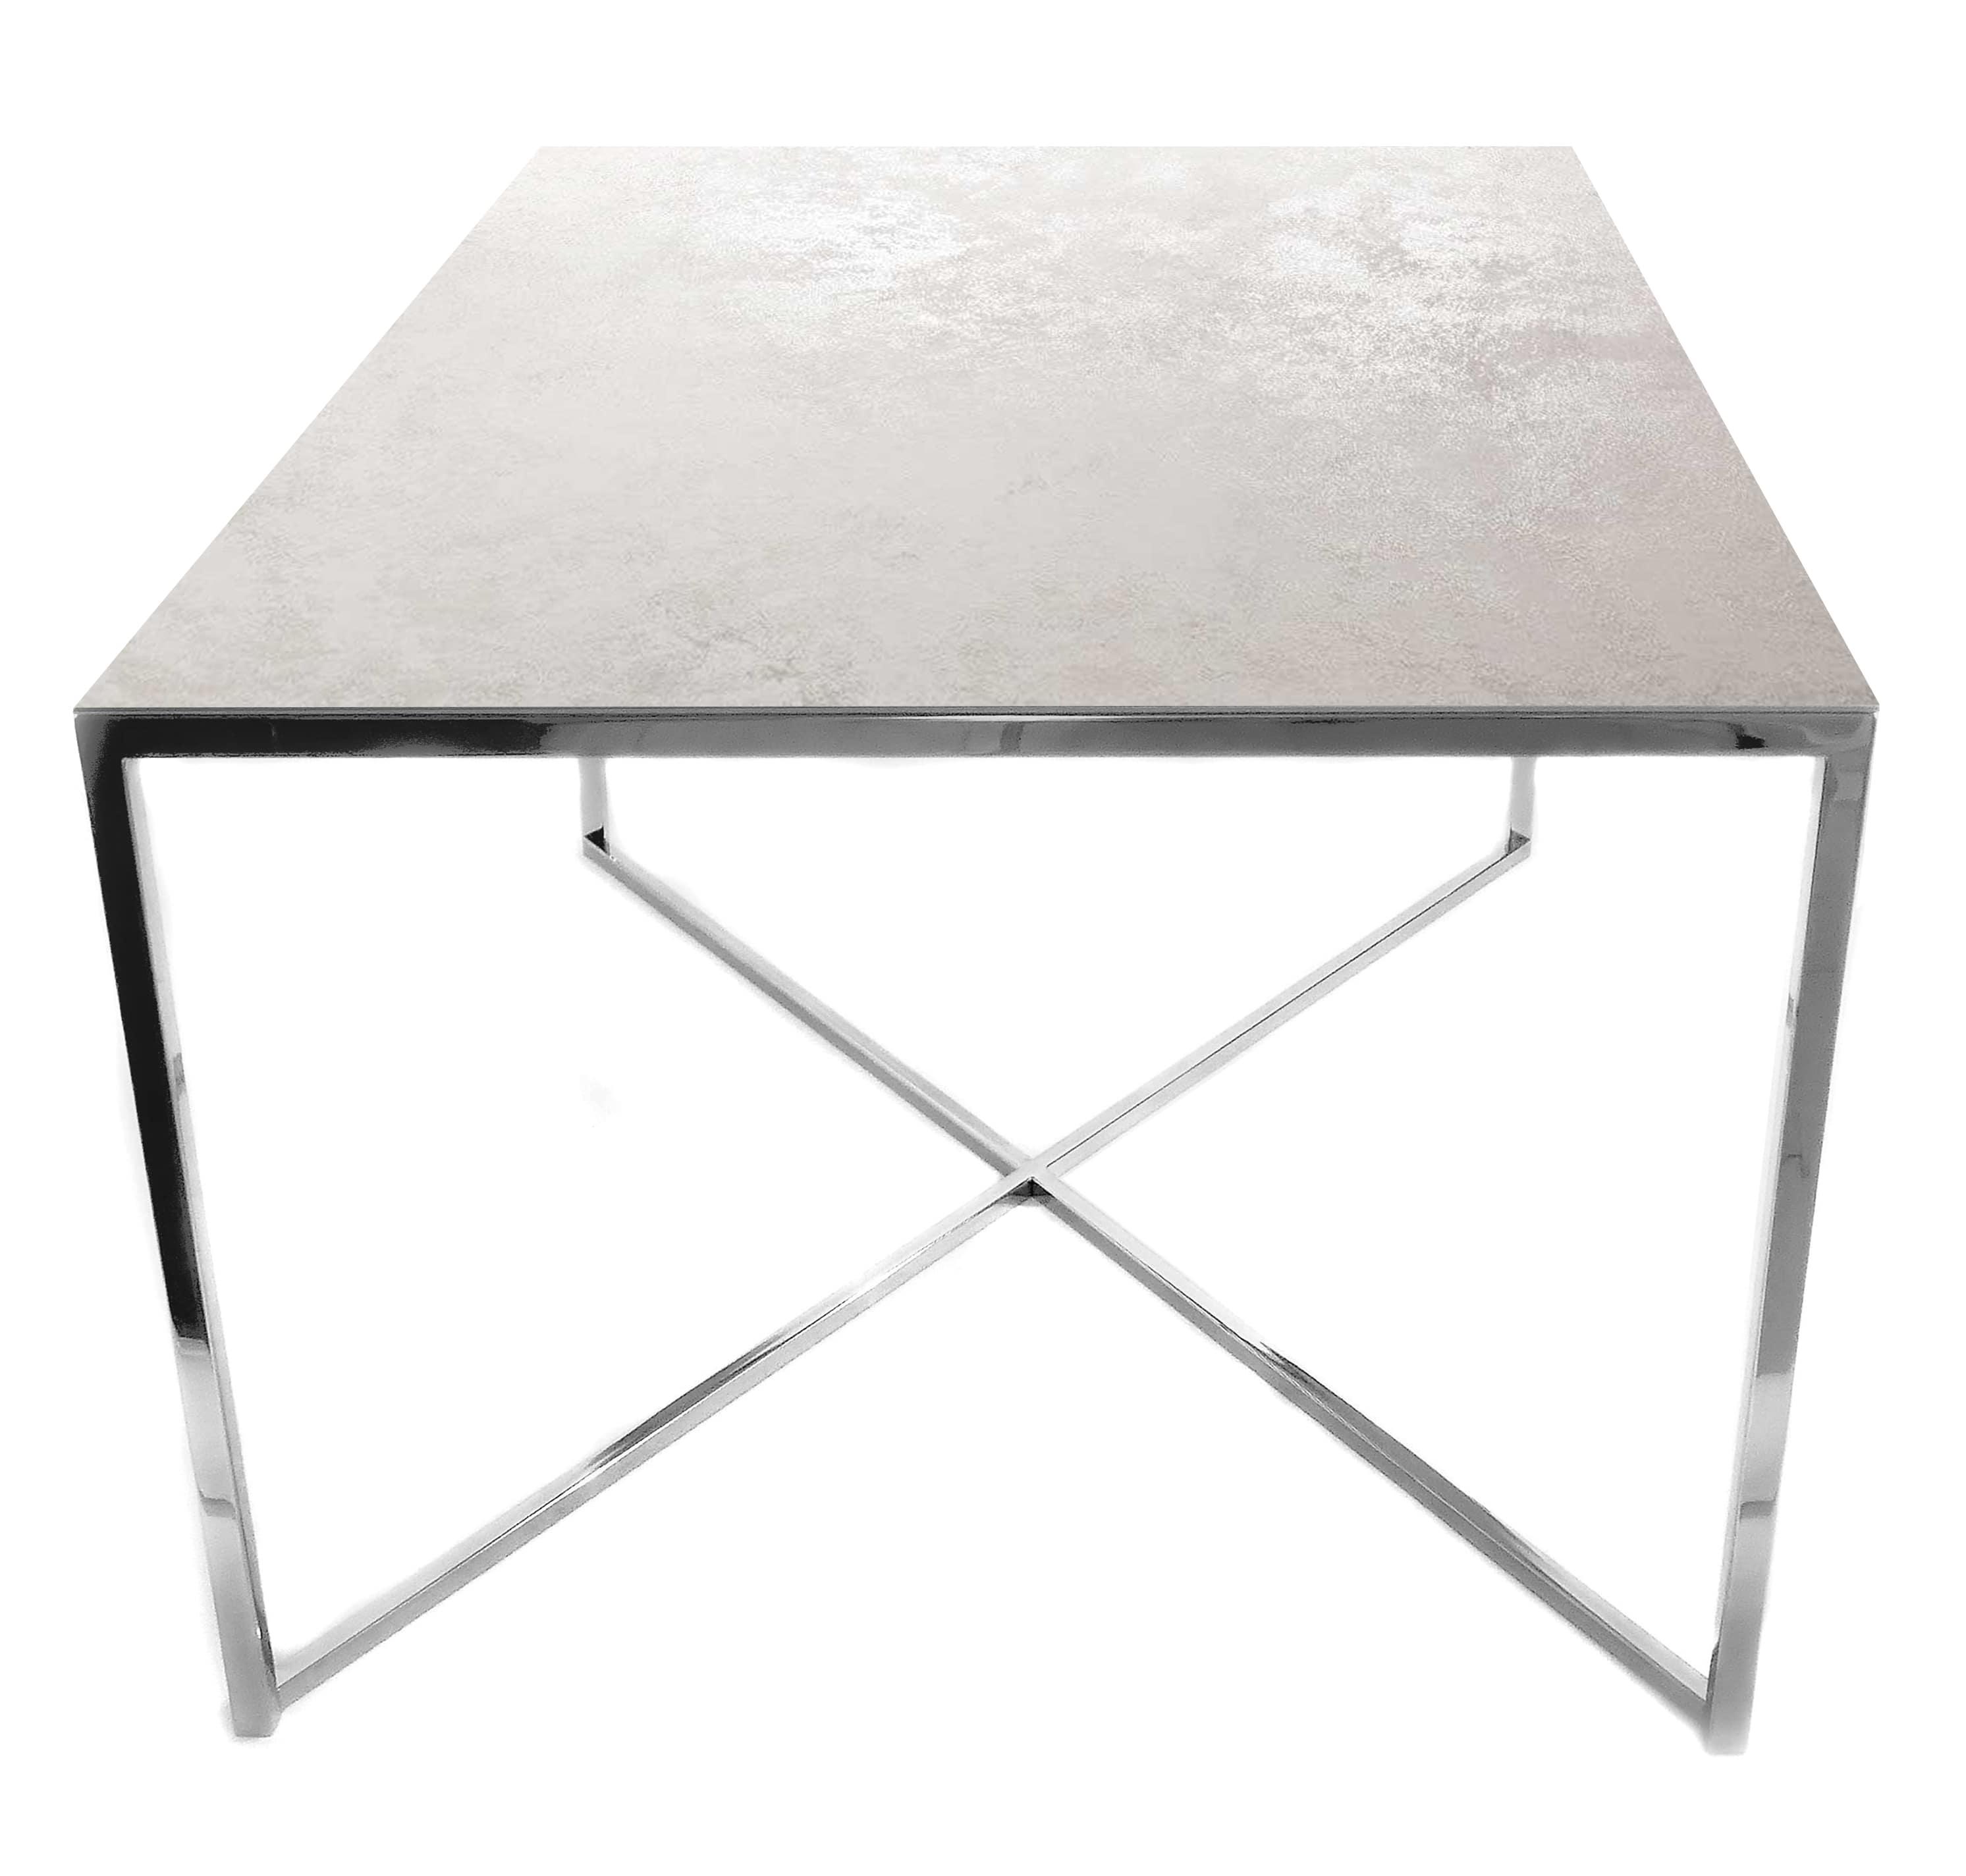 Stolik kawowy ława REA furniture MILANO – blat Laminam oxide bianco – wymiary 100/100/50